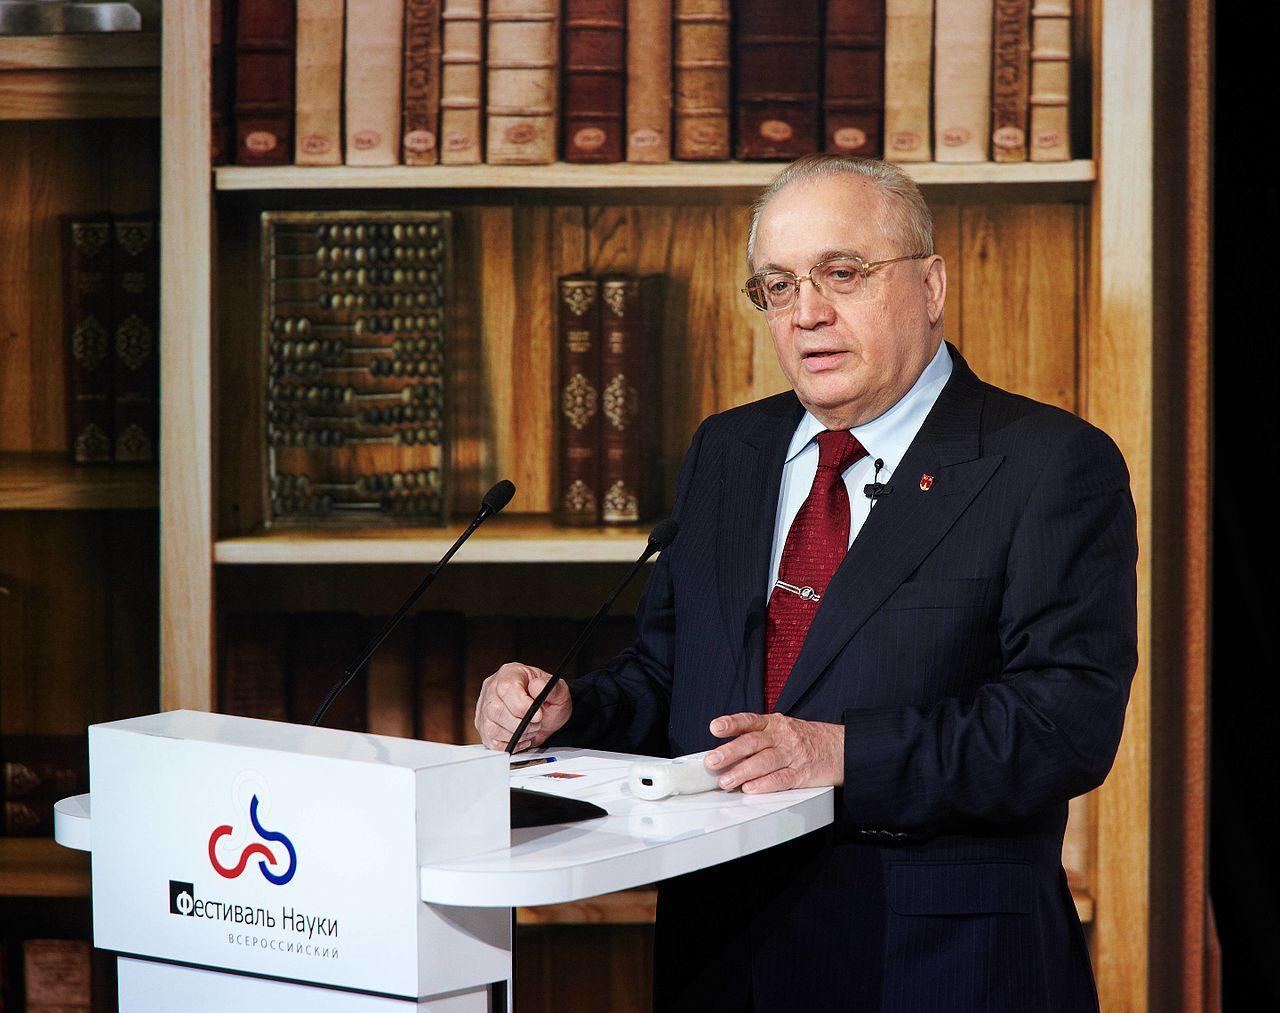 Ректор МГУ вступился заобвиняемого поделу онадписи «Нет фан-зоне»